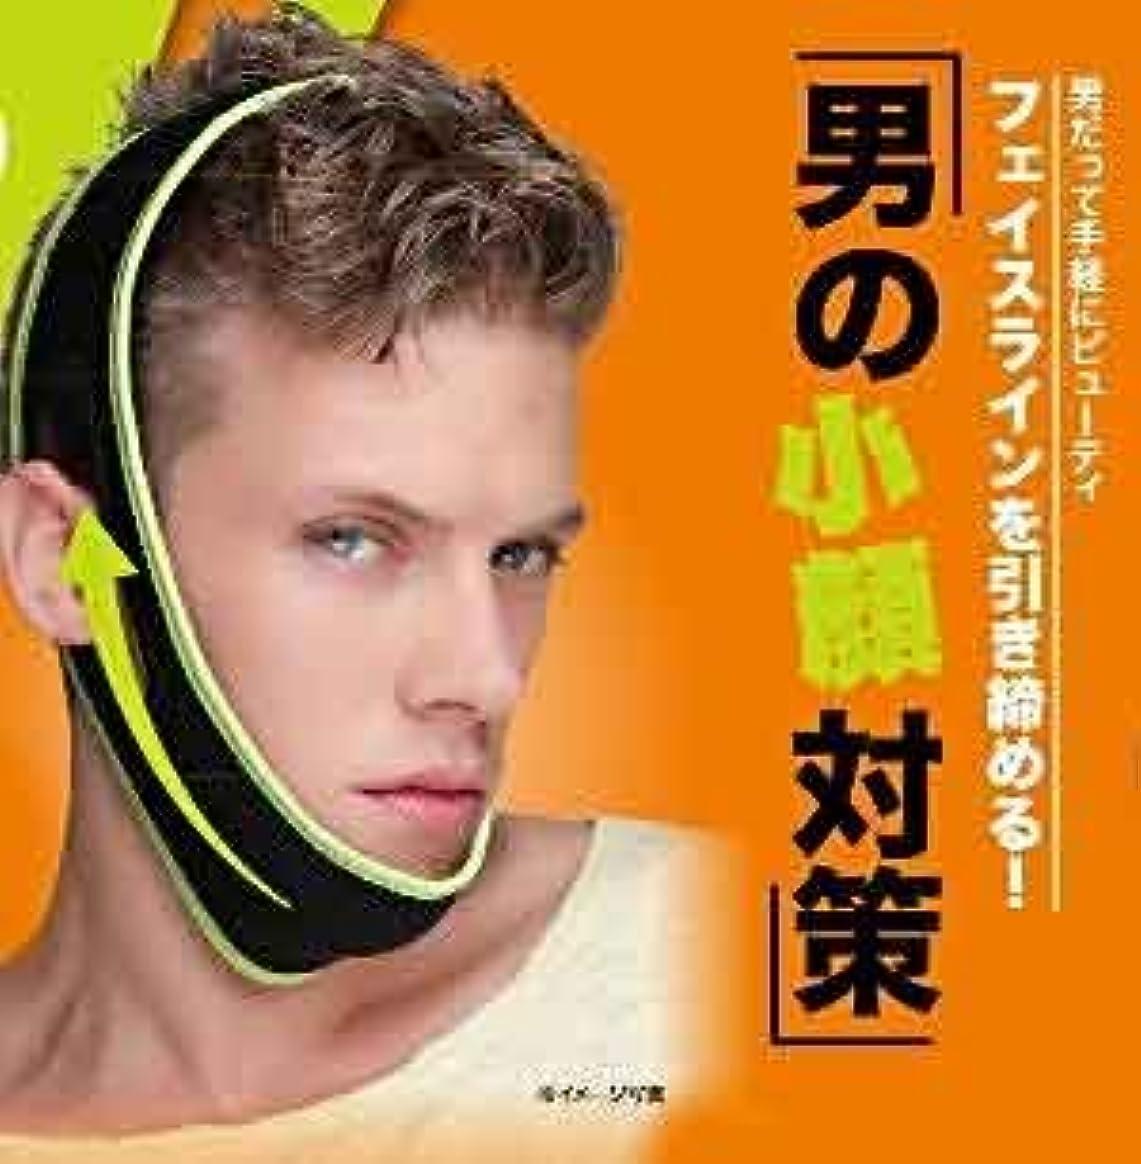 磁石剪断消費者寝ている間にしっかり引き締め&小顔補正フェイスマスク メンズ小顔リフトアップベルト